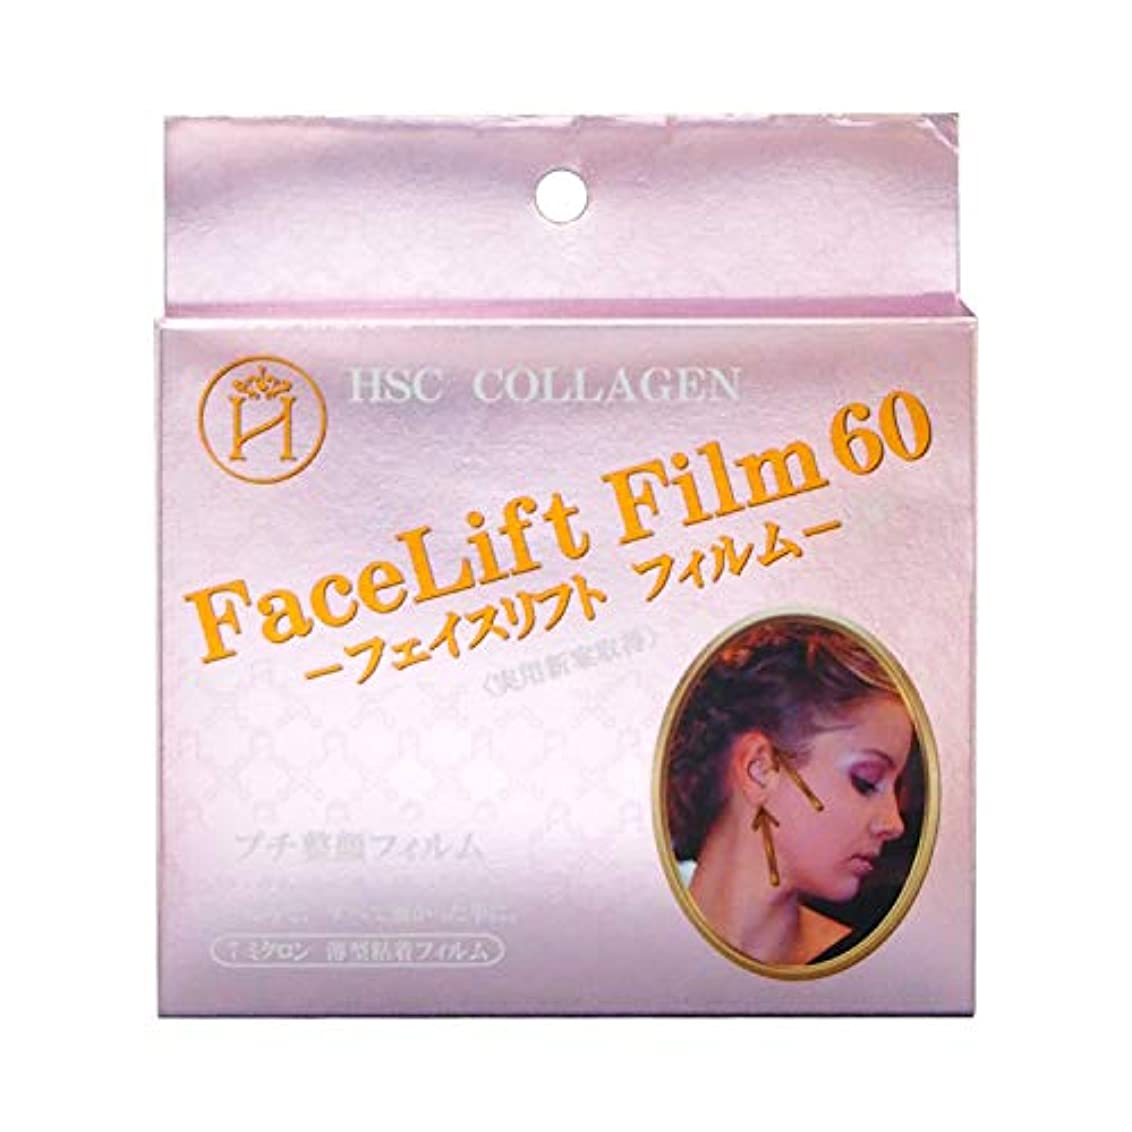 ディレイモンキー食欲フェイスリフトフィルム60 たるみ テープ 引き上げ 透明 目立たない フェイスライン